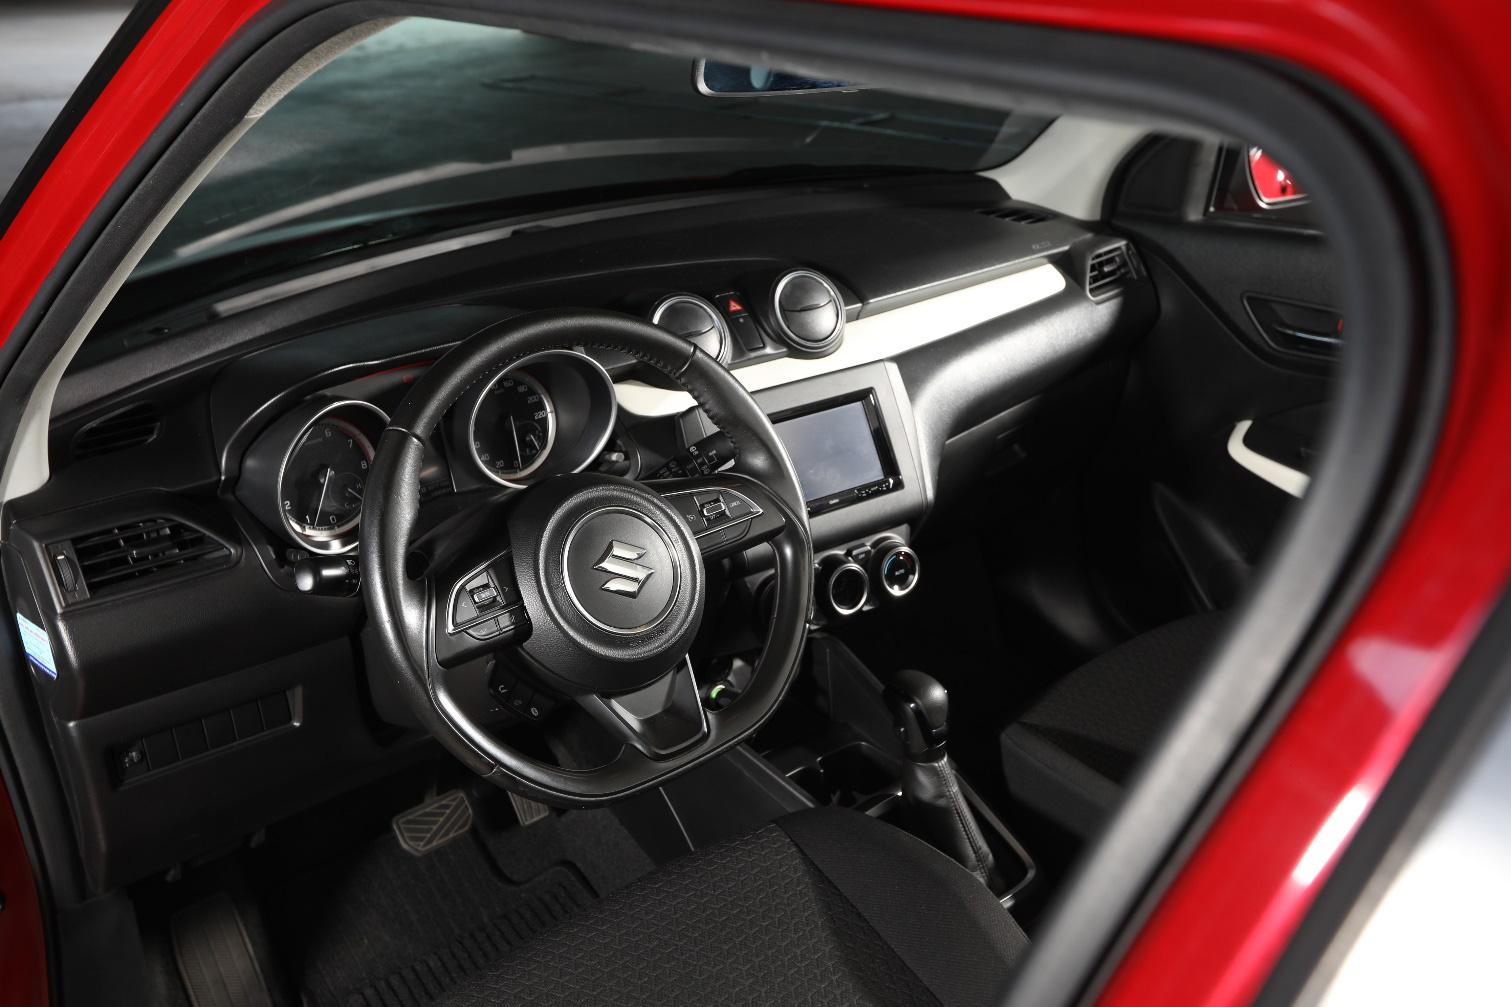 Suzuki Swift - Hatchback thời trang mang thiết kế châu Âu - Ảnh 6.